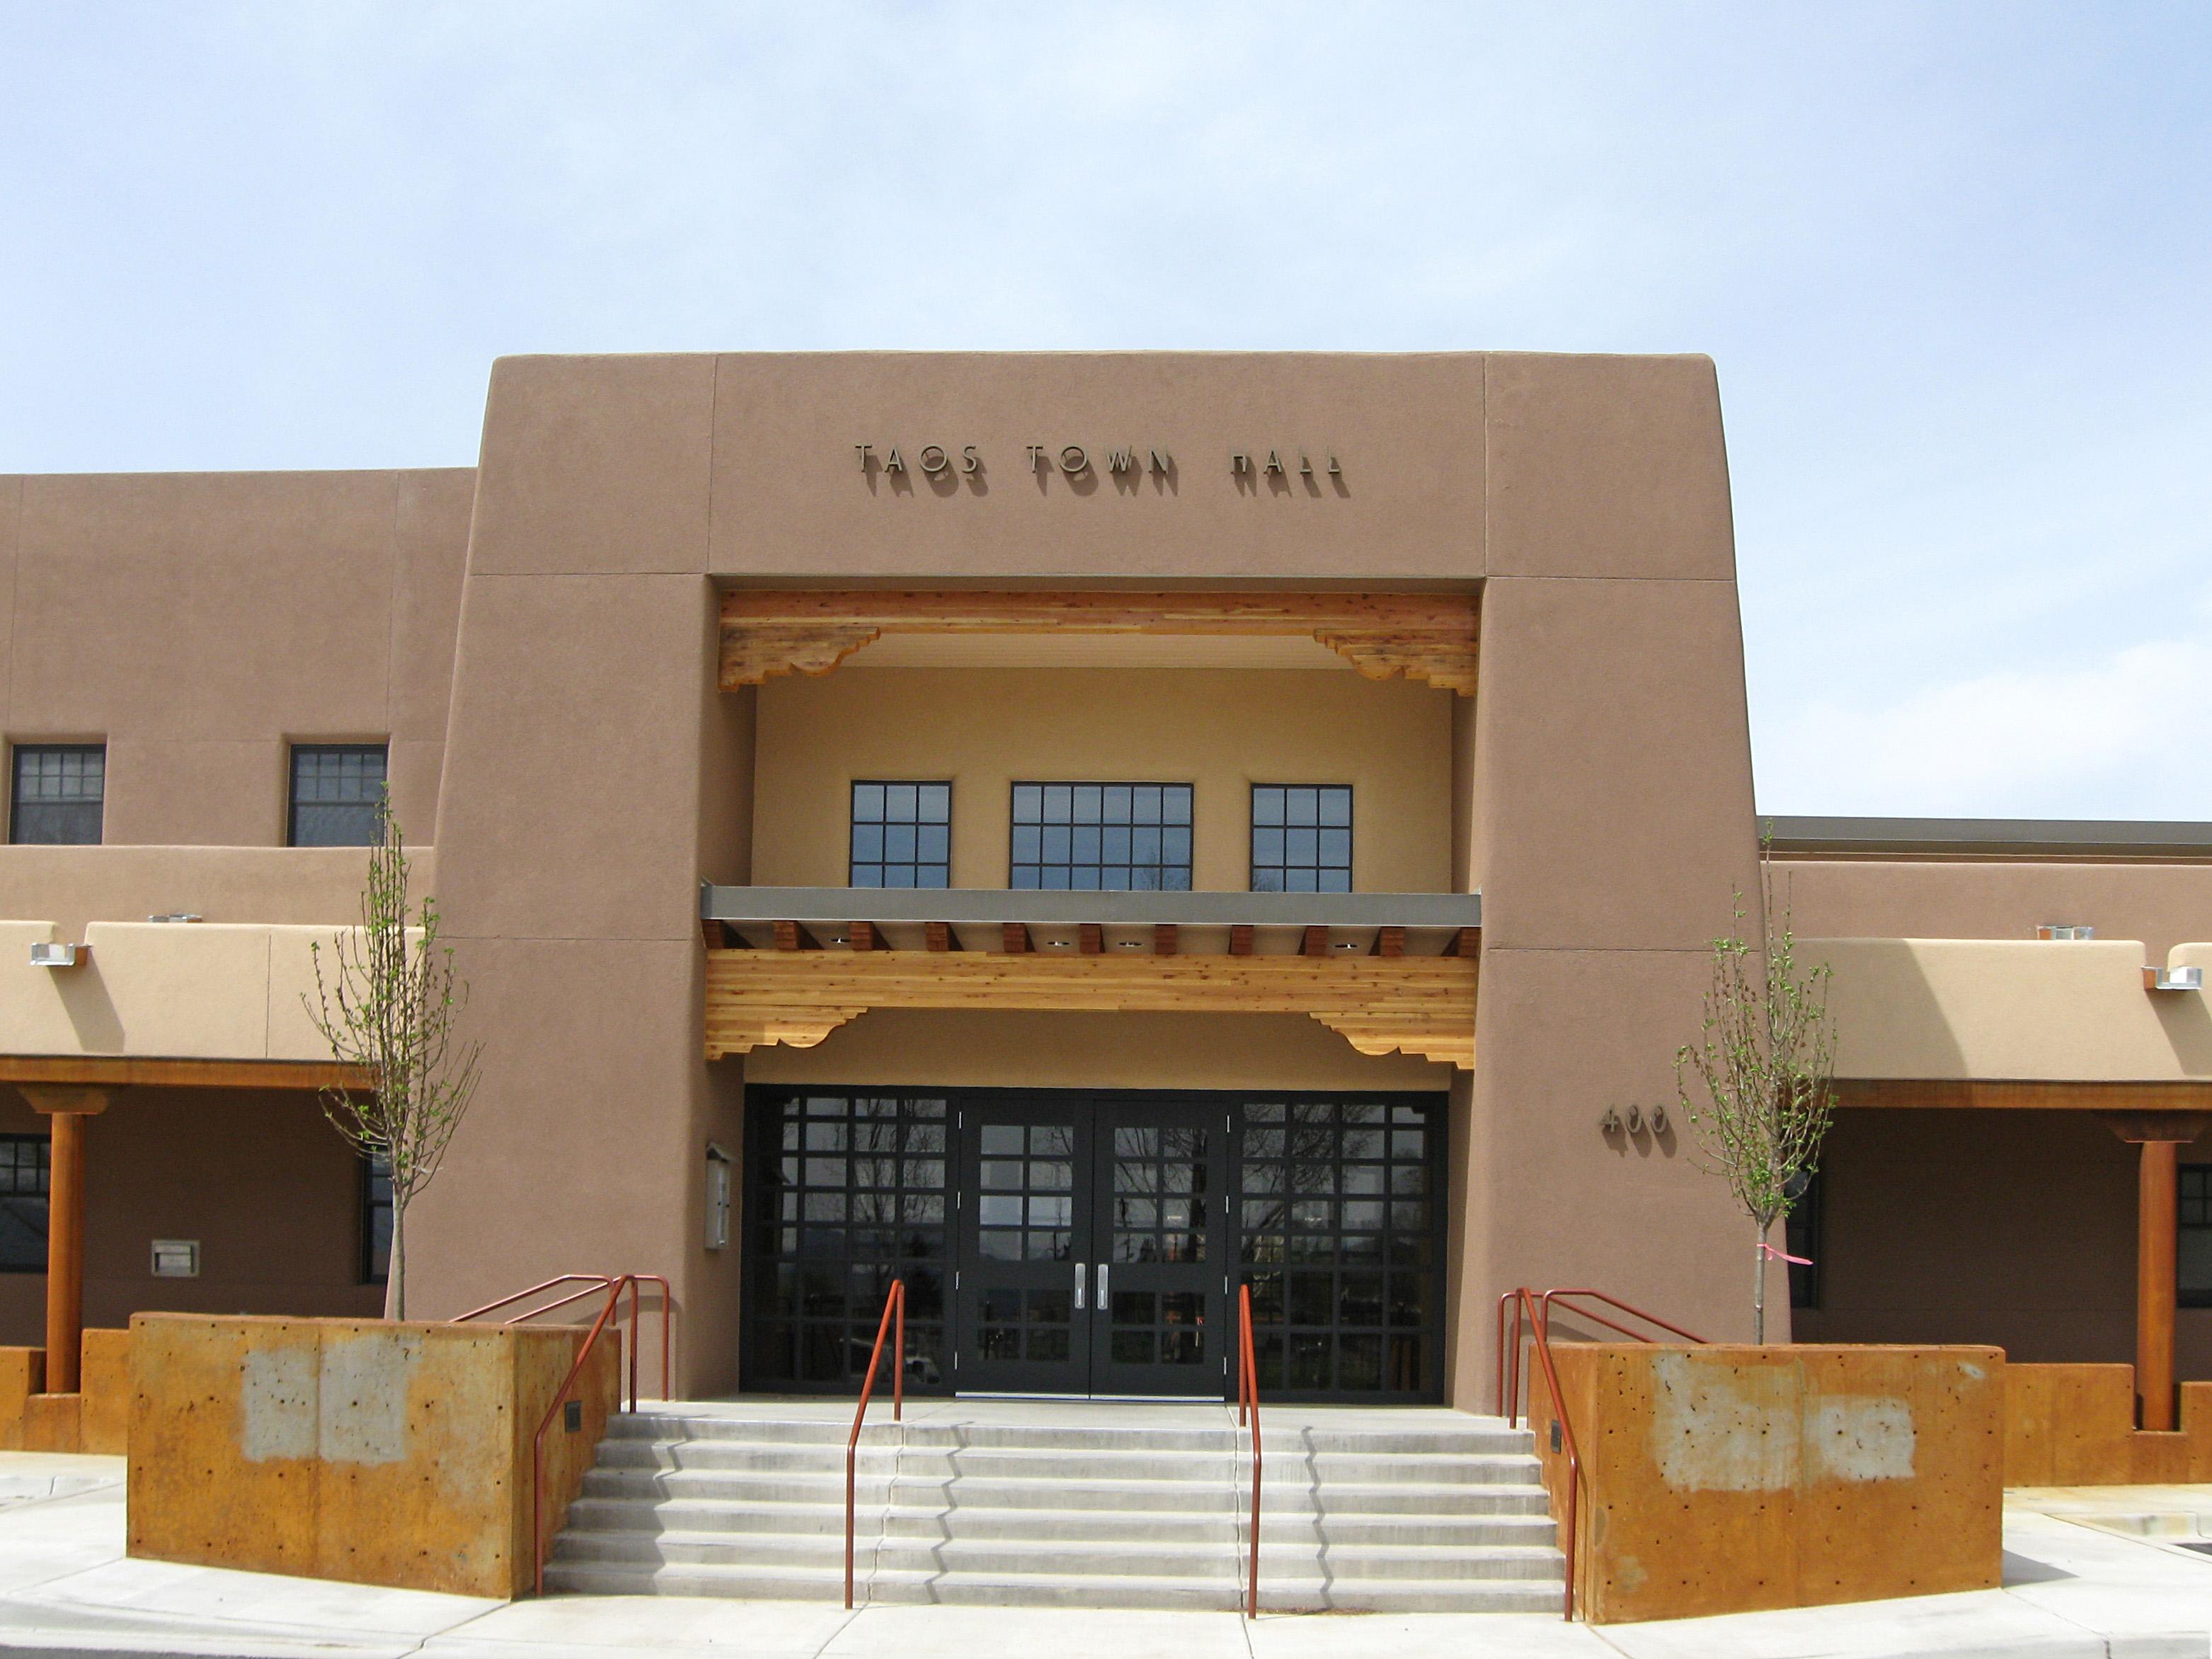 Taos, New Mexico - Wikipedia, the free encyclopediataos town